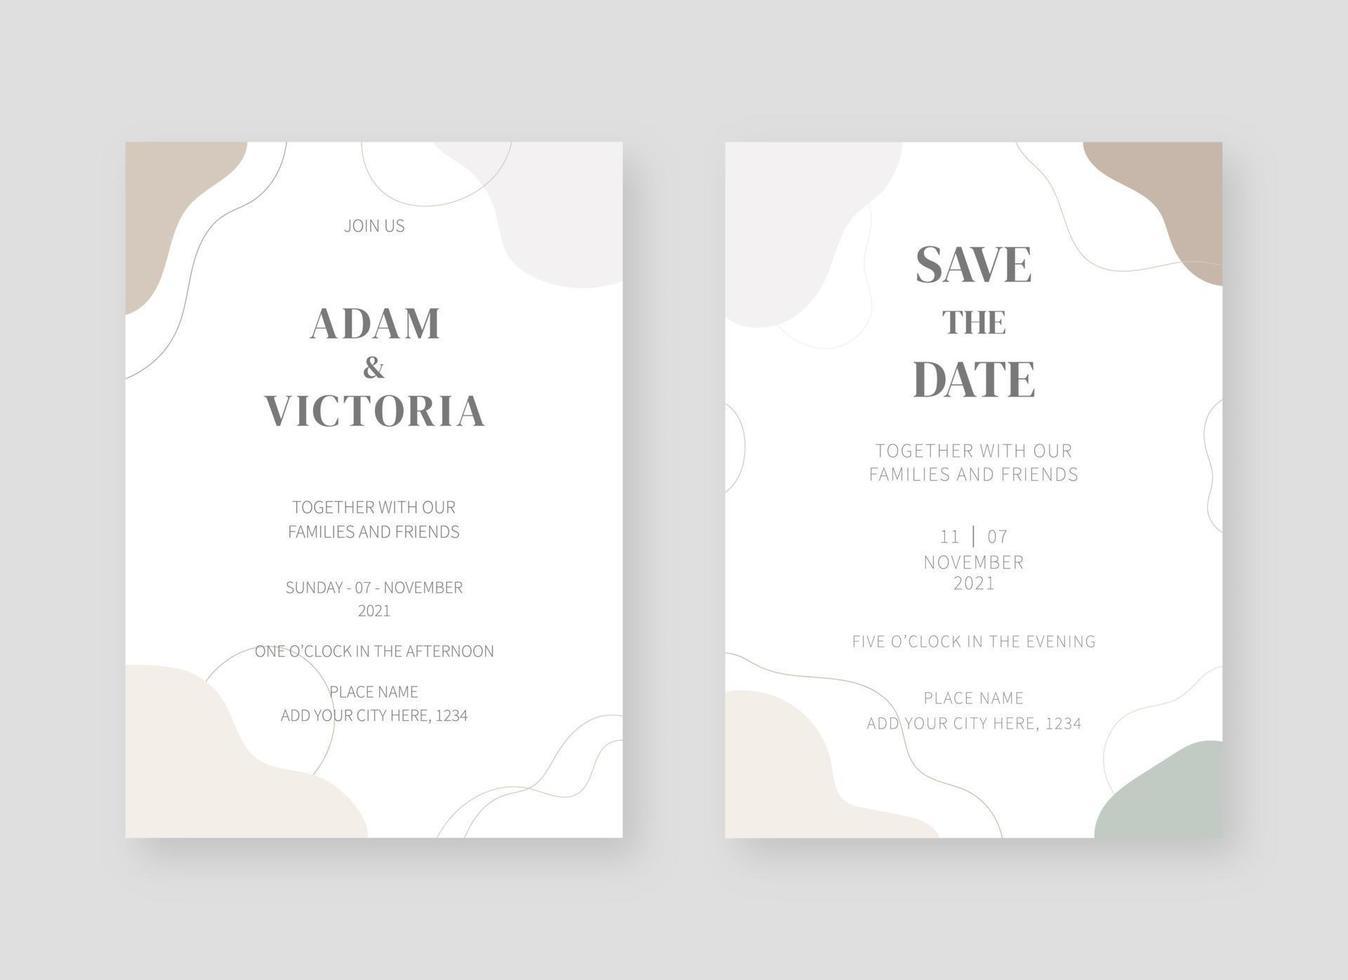 modelo de cartão de convite. conjunto de design de modelo de cartão de convite de casamento. fundo do projeto decorativo do vetor. vetor